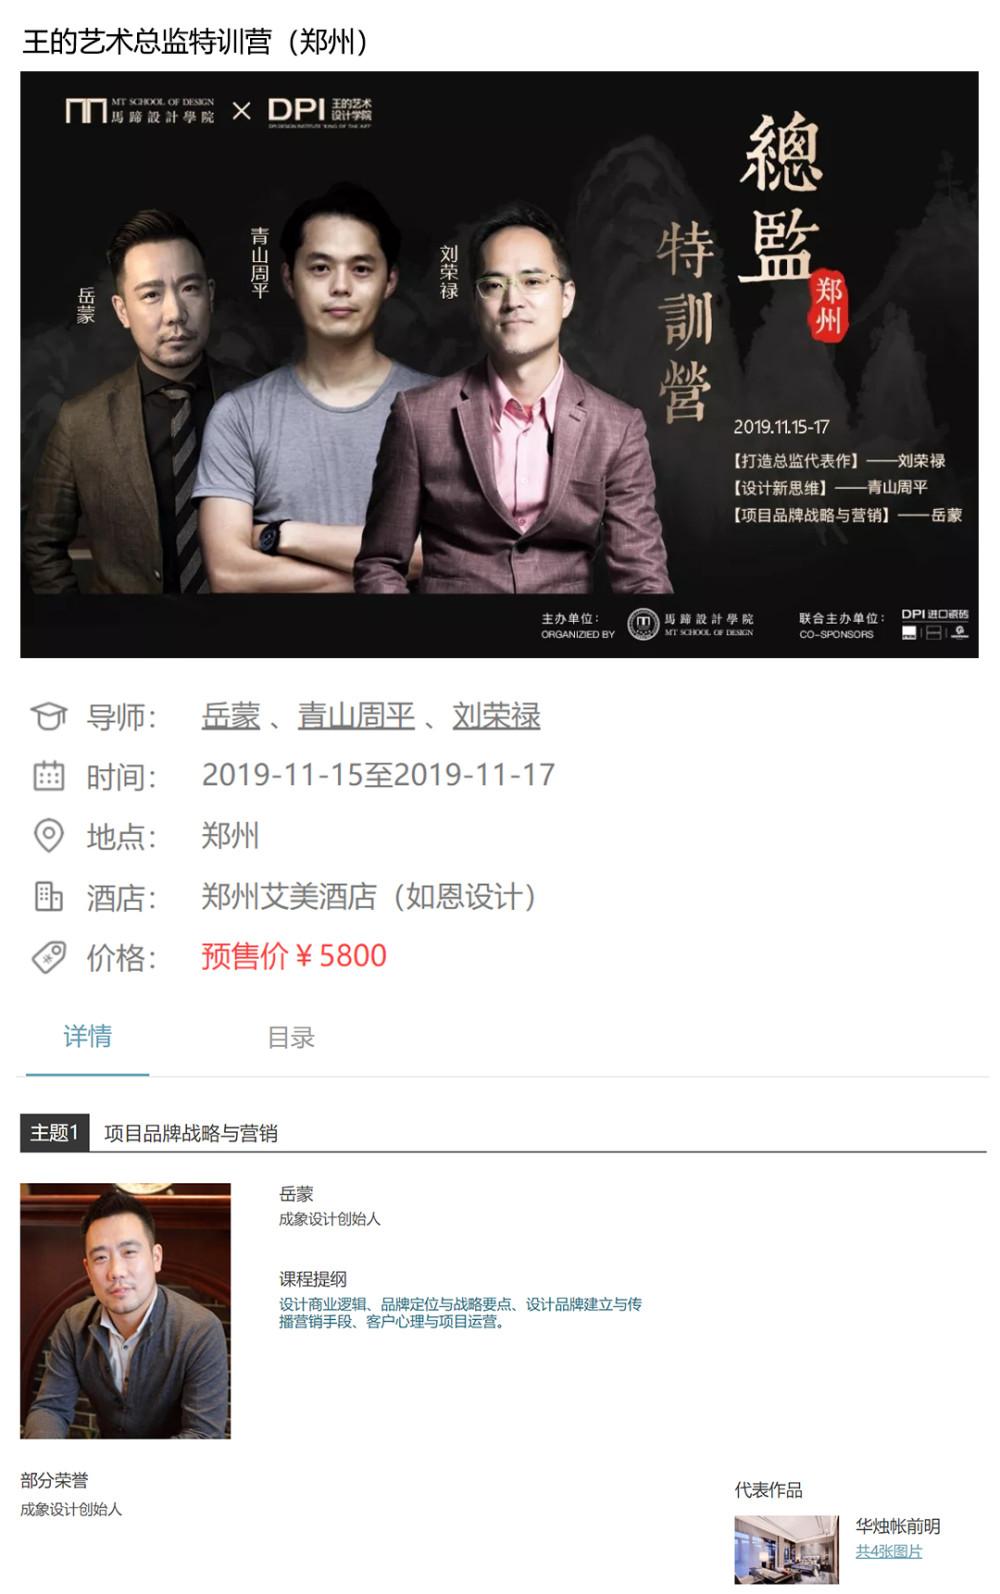 王的艺术总监特训营(郑州)